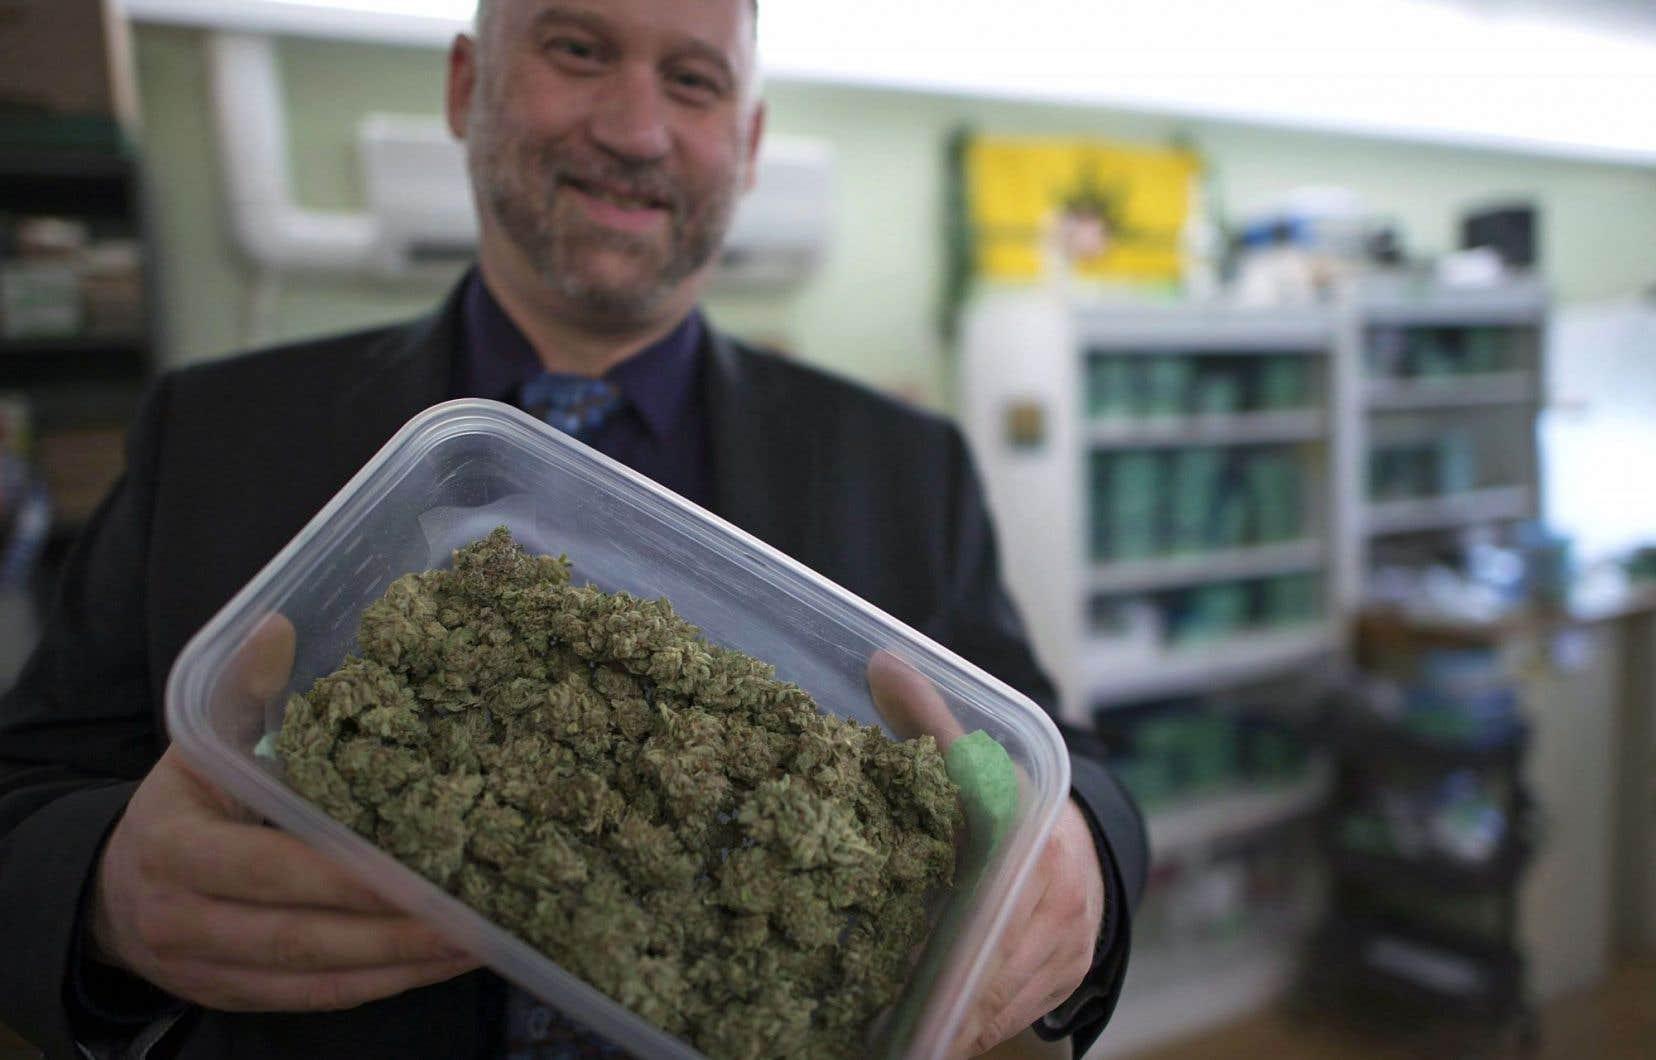 Dana Larsen, qui gère un dispensaire en Colombie-Britannique, vient d'être arrêté à Calgary lors d'un événement public pro-légalisation parce qu'il avait dans sa main… six semences de cannabis.